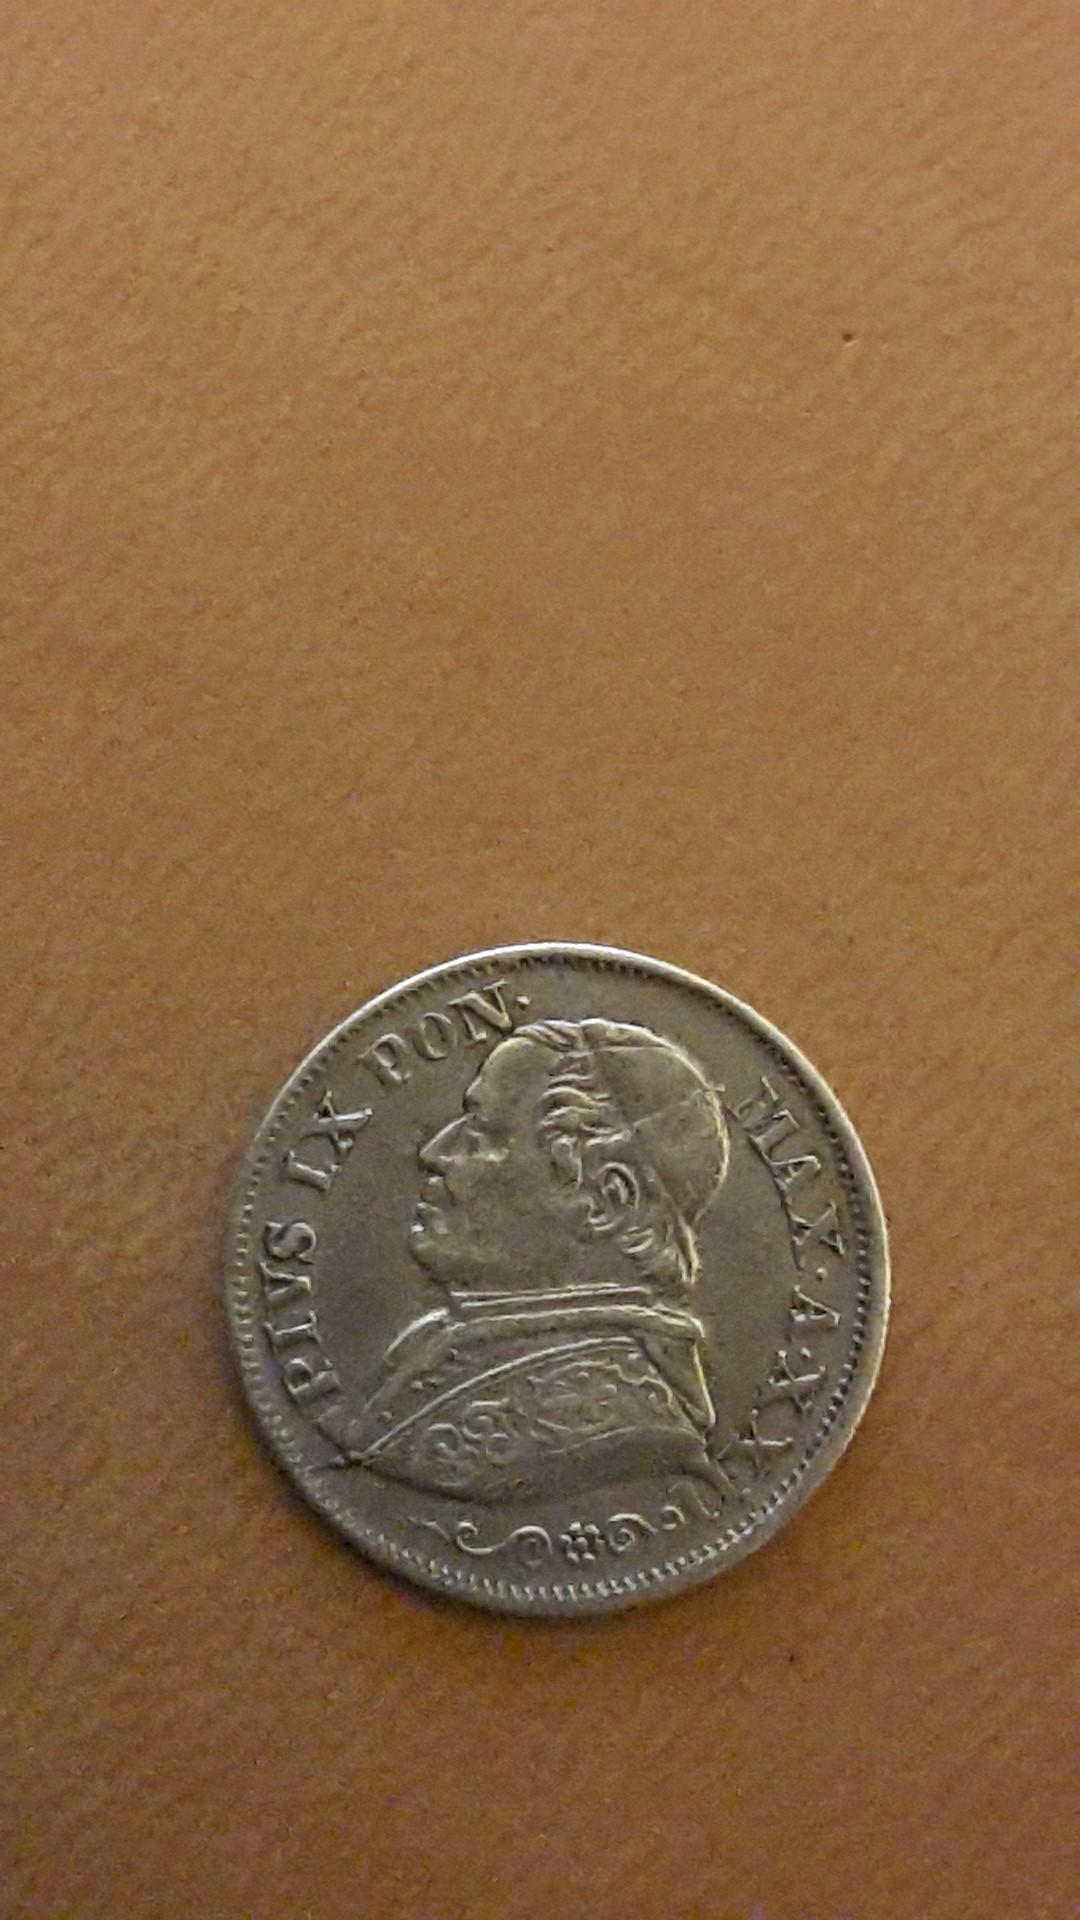 10 soldi 1867 Estados Papales 20141122_023931